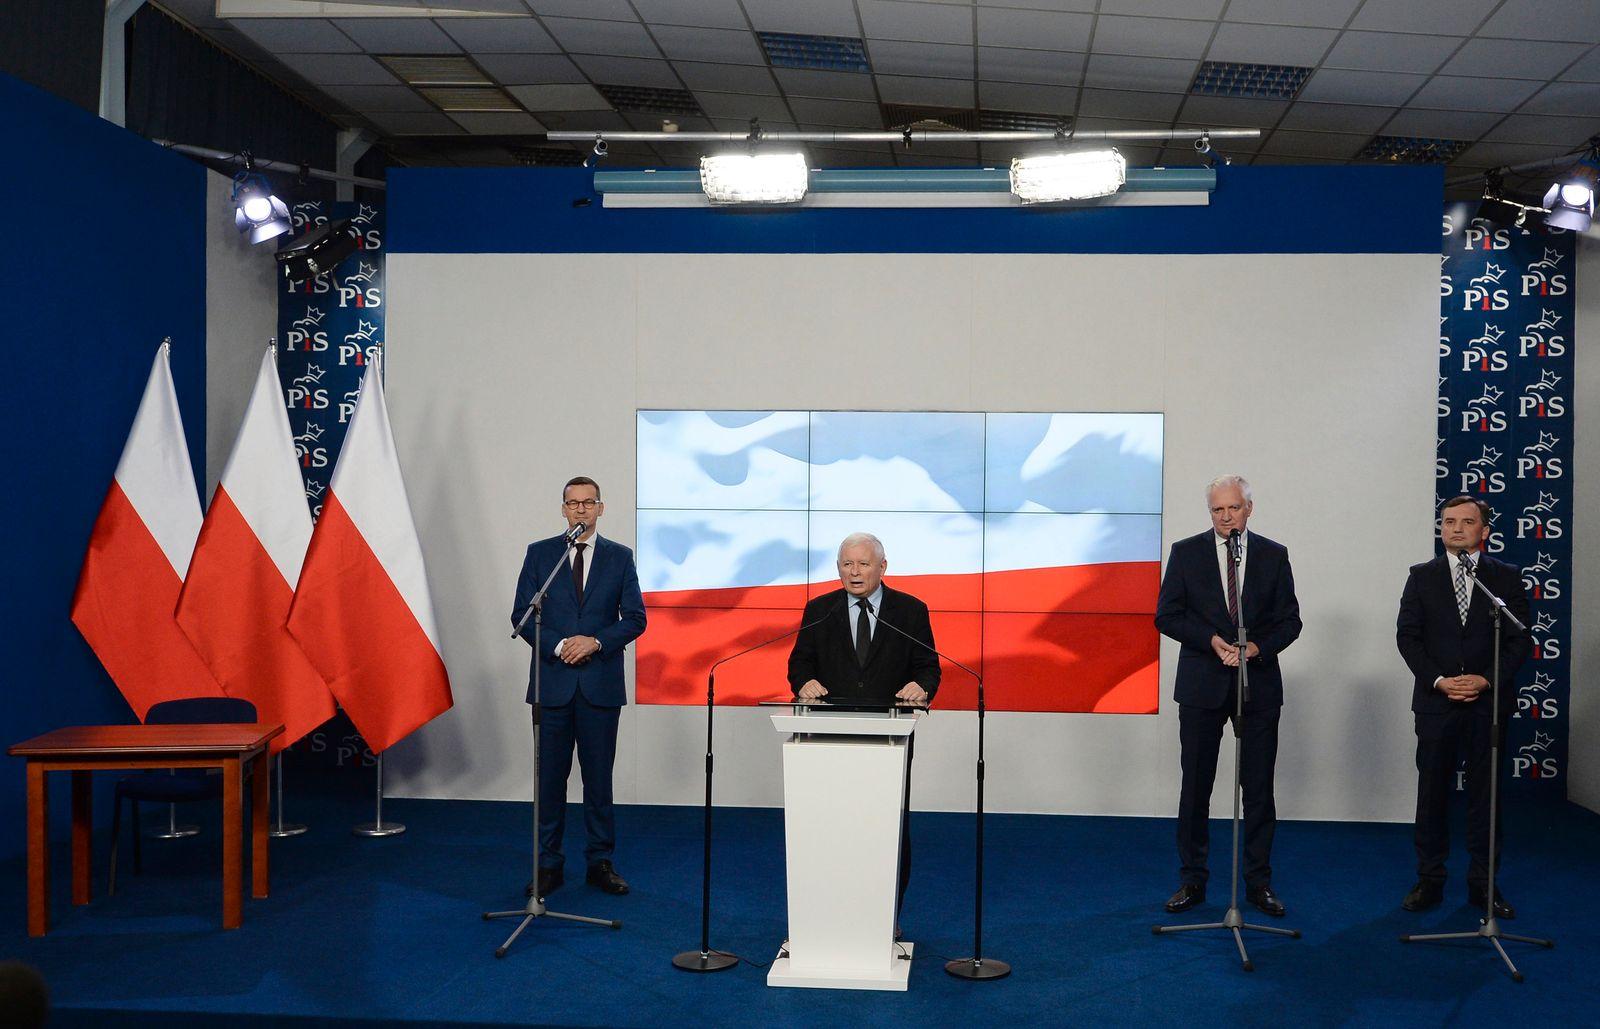 Jaroslaw Kaczynski, Mateusz Morawiecki, Jaroslw Gowin, Zbigniew Ziobro